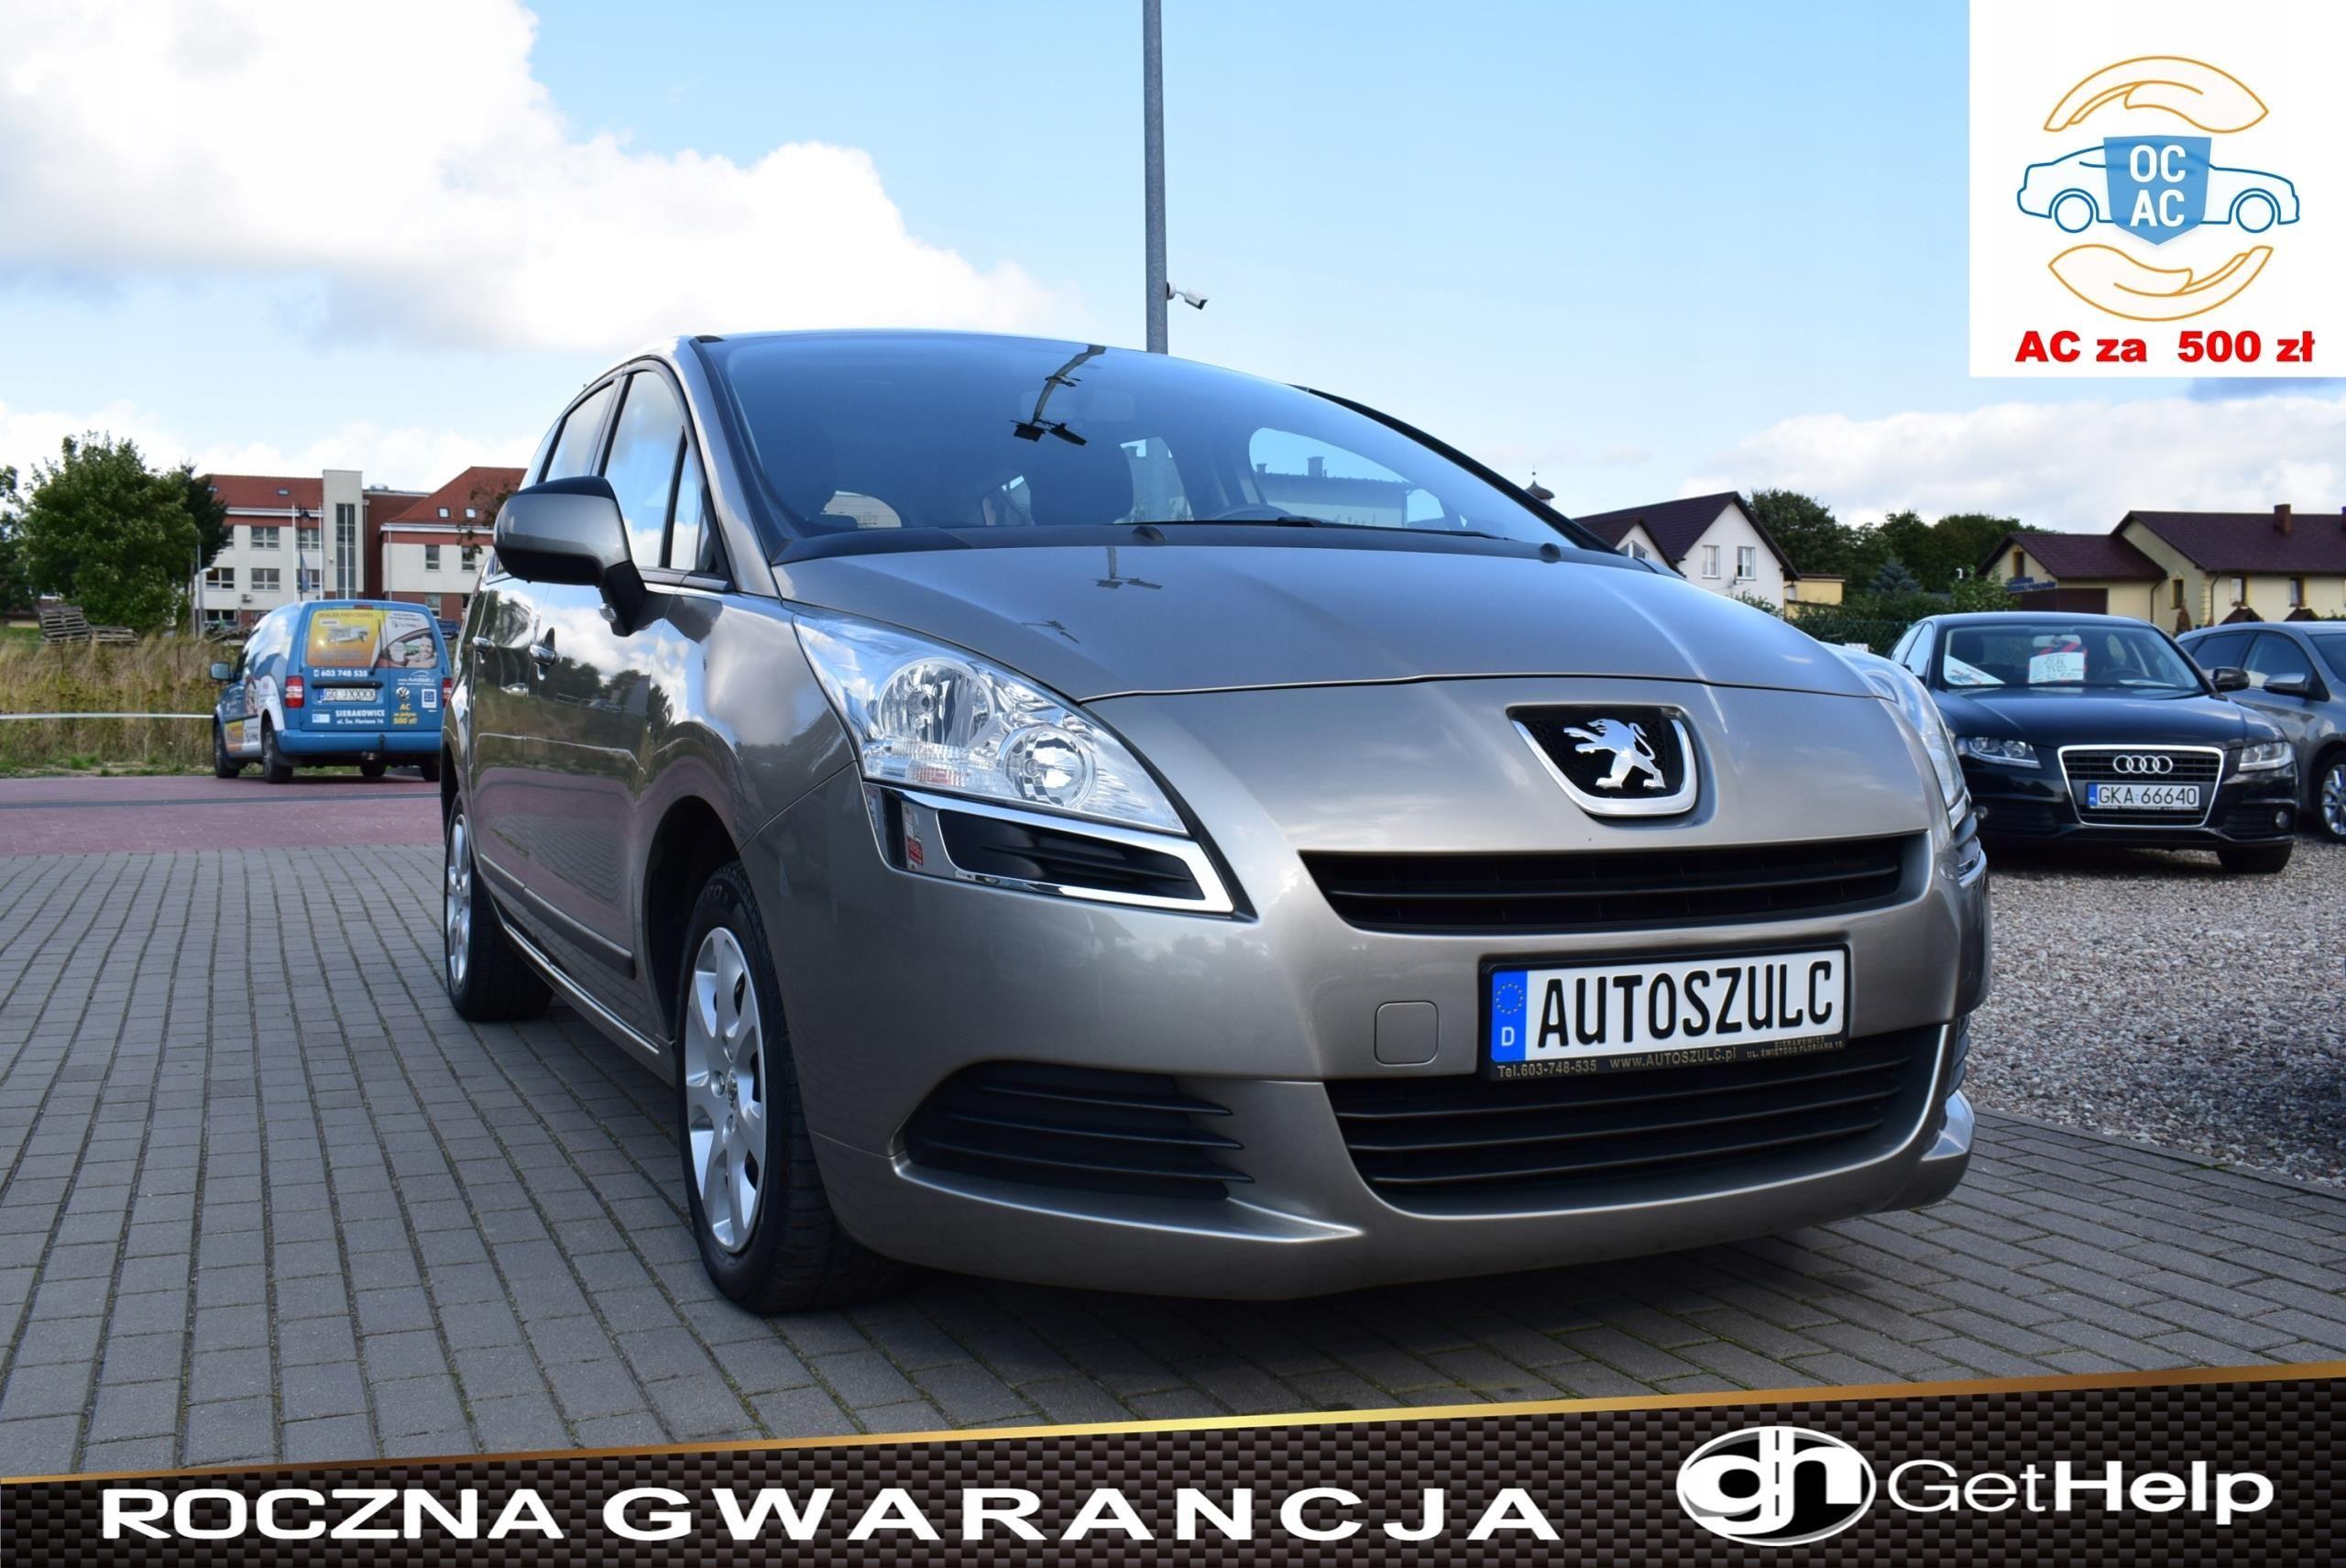 Peugeot 5008 1 6 Benzyna 7 Osobowy Rodzinny Opinie I Ceny Na Ceneo Pl